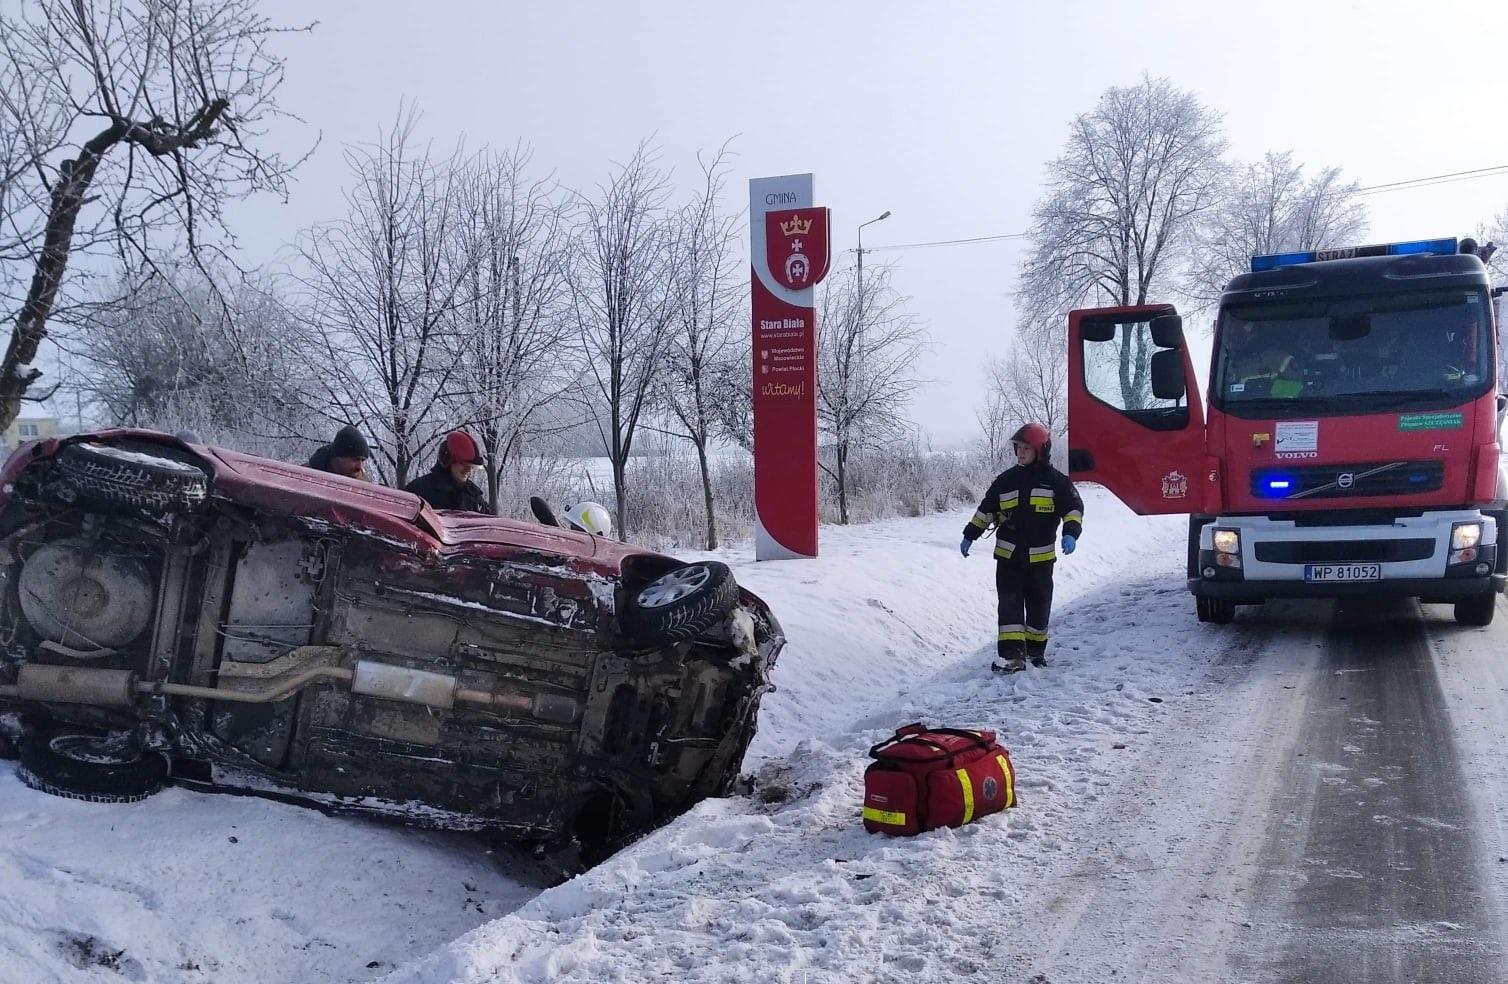 Wypadek pod Płockiem. Dwa samochody wylądowały w przydrożnym rowie [ZDJĘCIA] - Zdjęcie główne